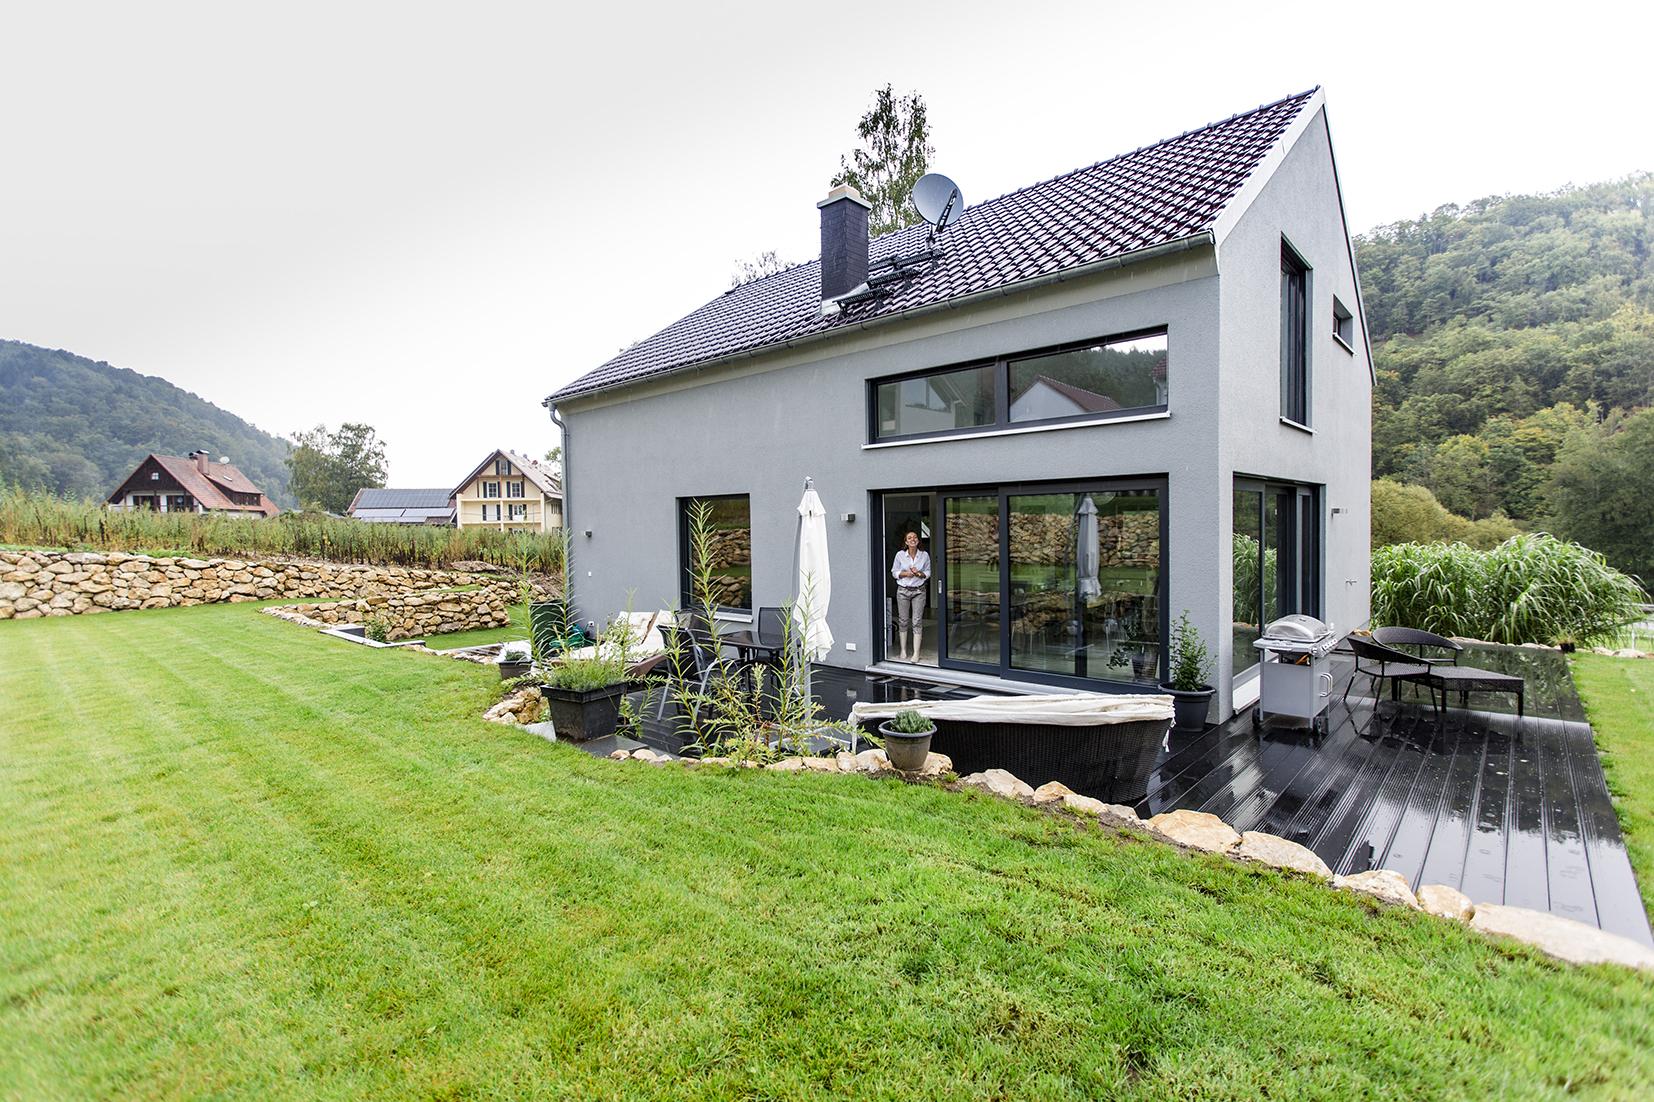 stylische fassade in hellem grau fischerhaus fertigh user aus bayern. Black Bedroom Furniture Sets. Home Design Ideas